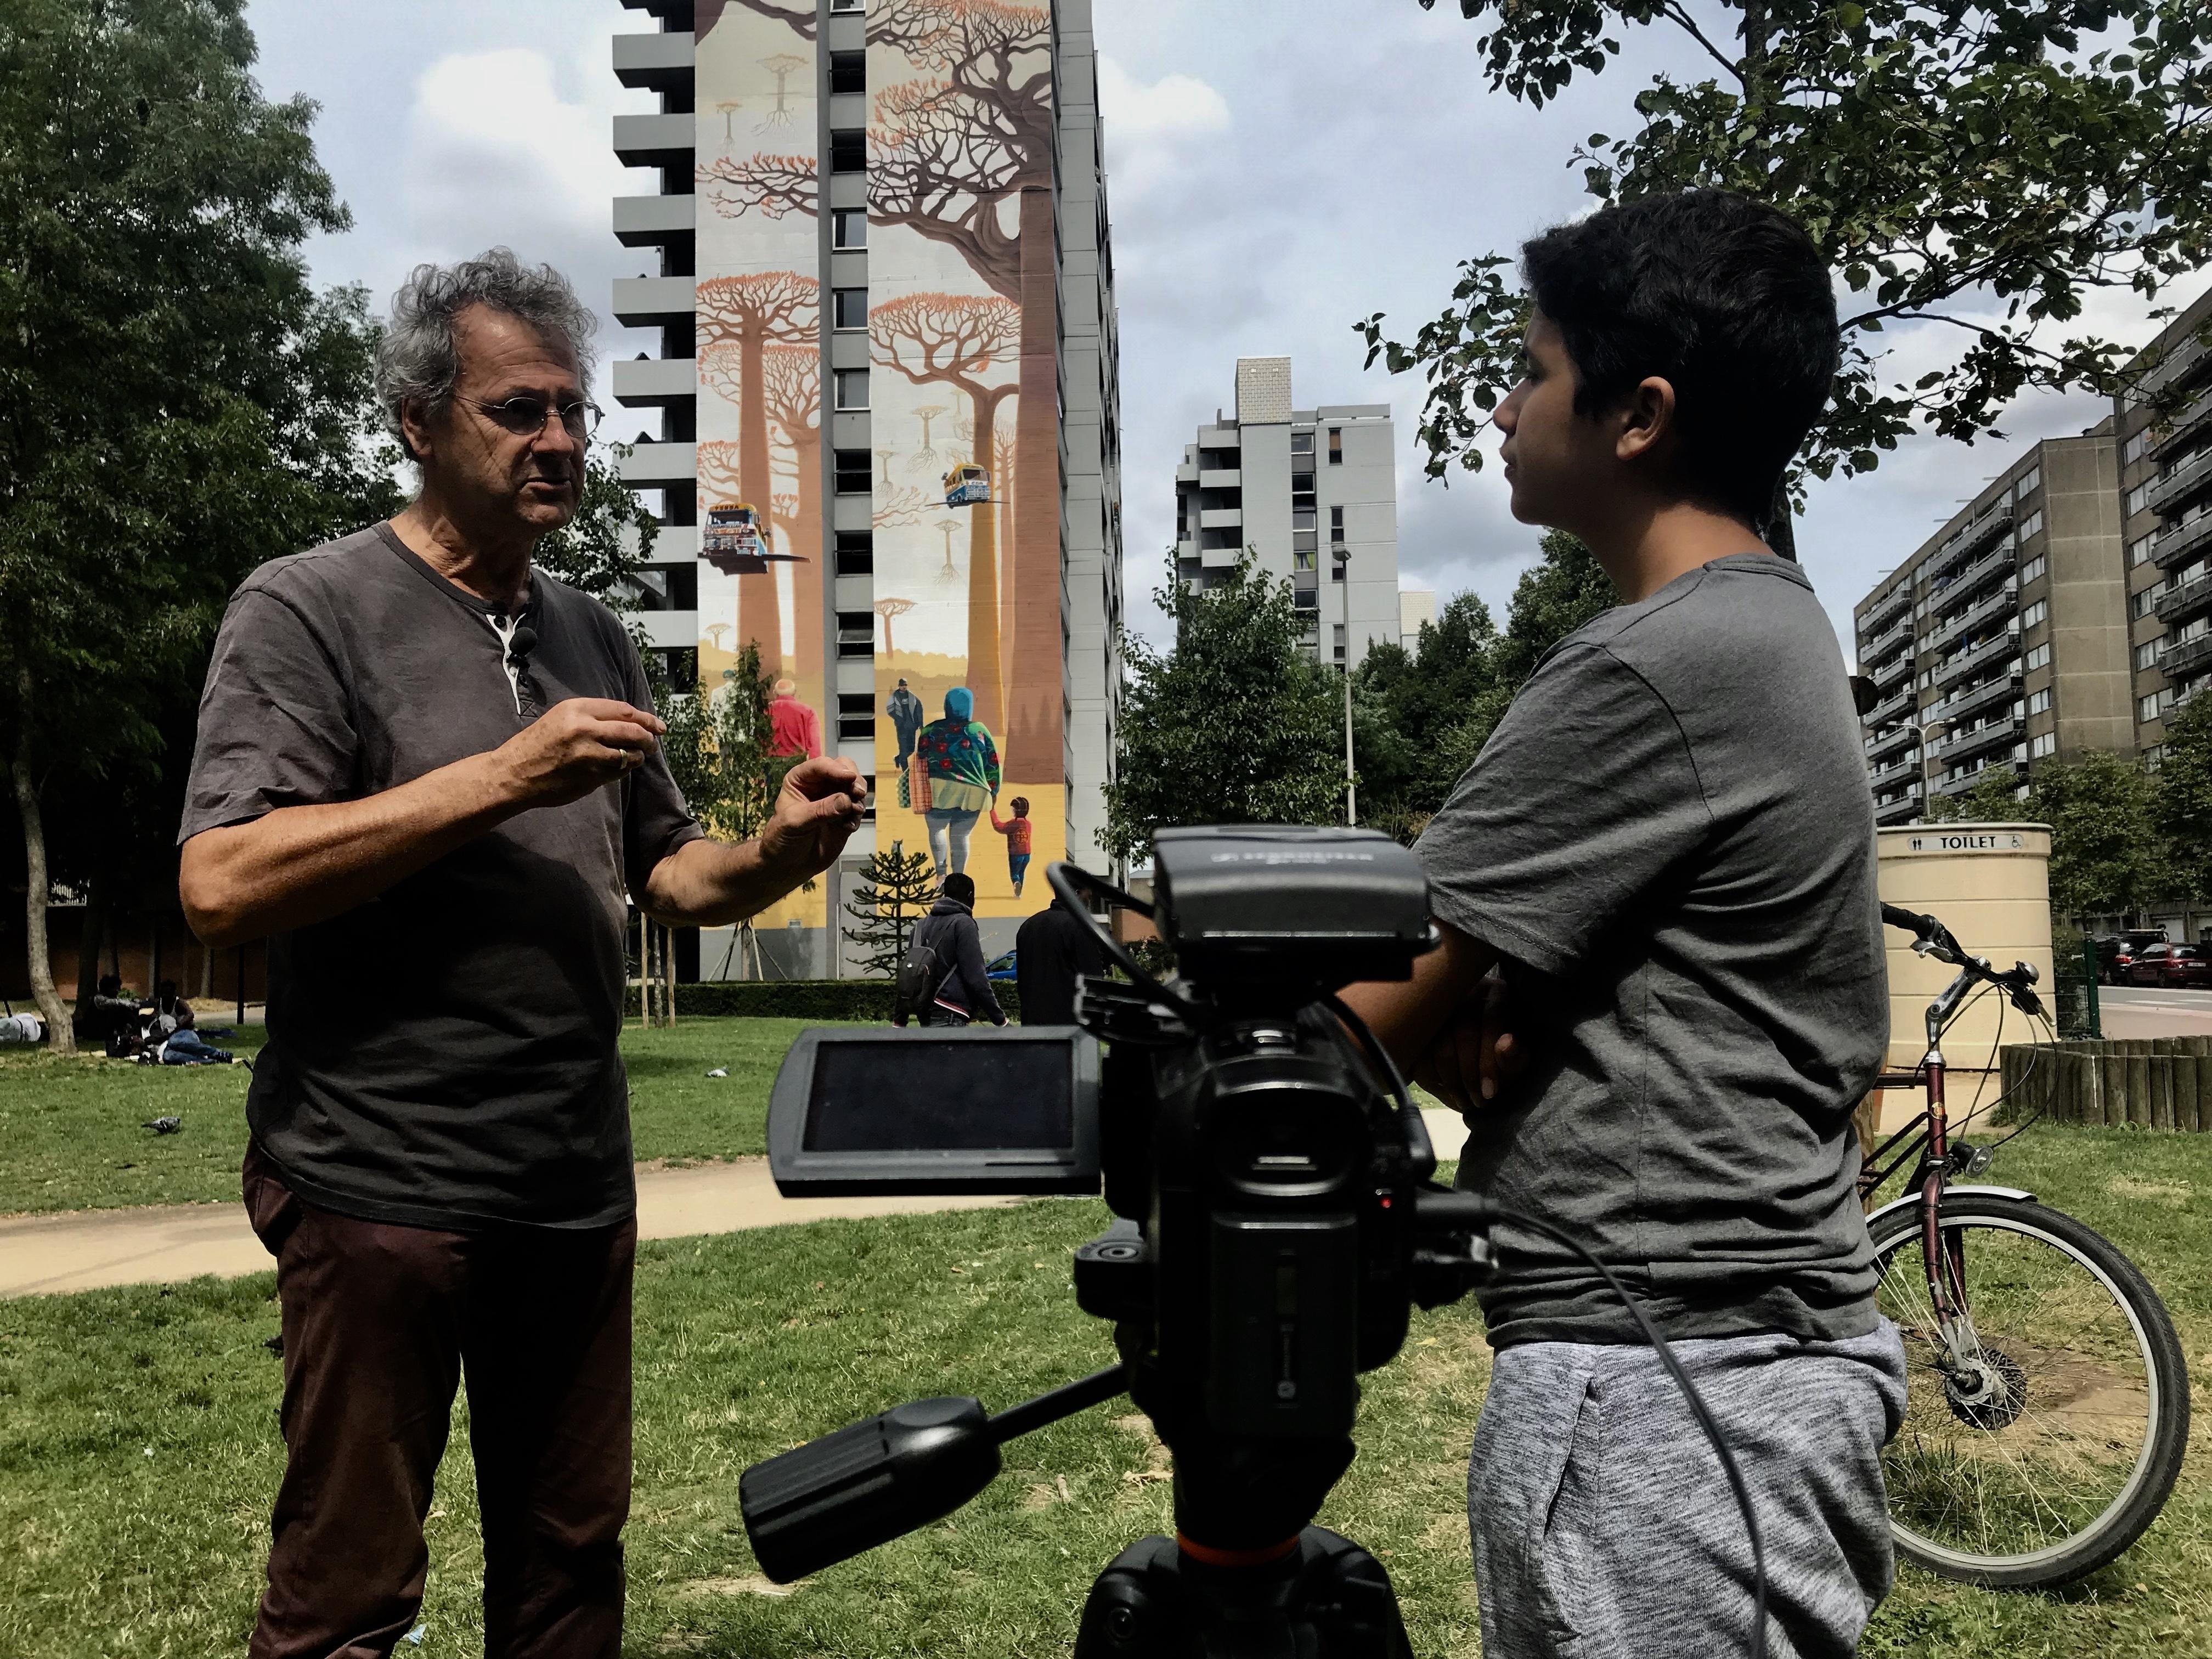 Du 22 février au 26 février, la Ville d'Arles organise pour les jeunes de 14 à 17 ans un festival de vidéo-reportage 100% en distanciel et gratuit